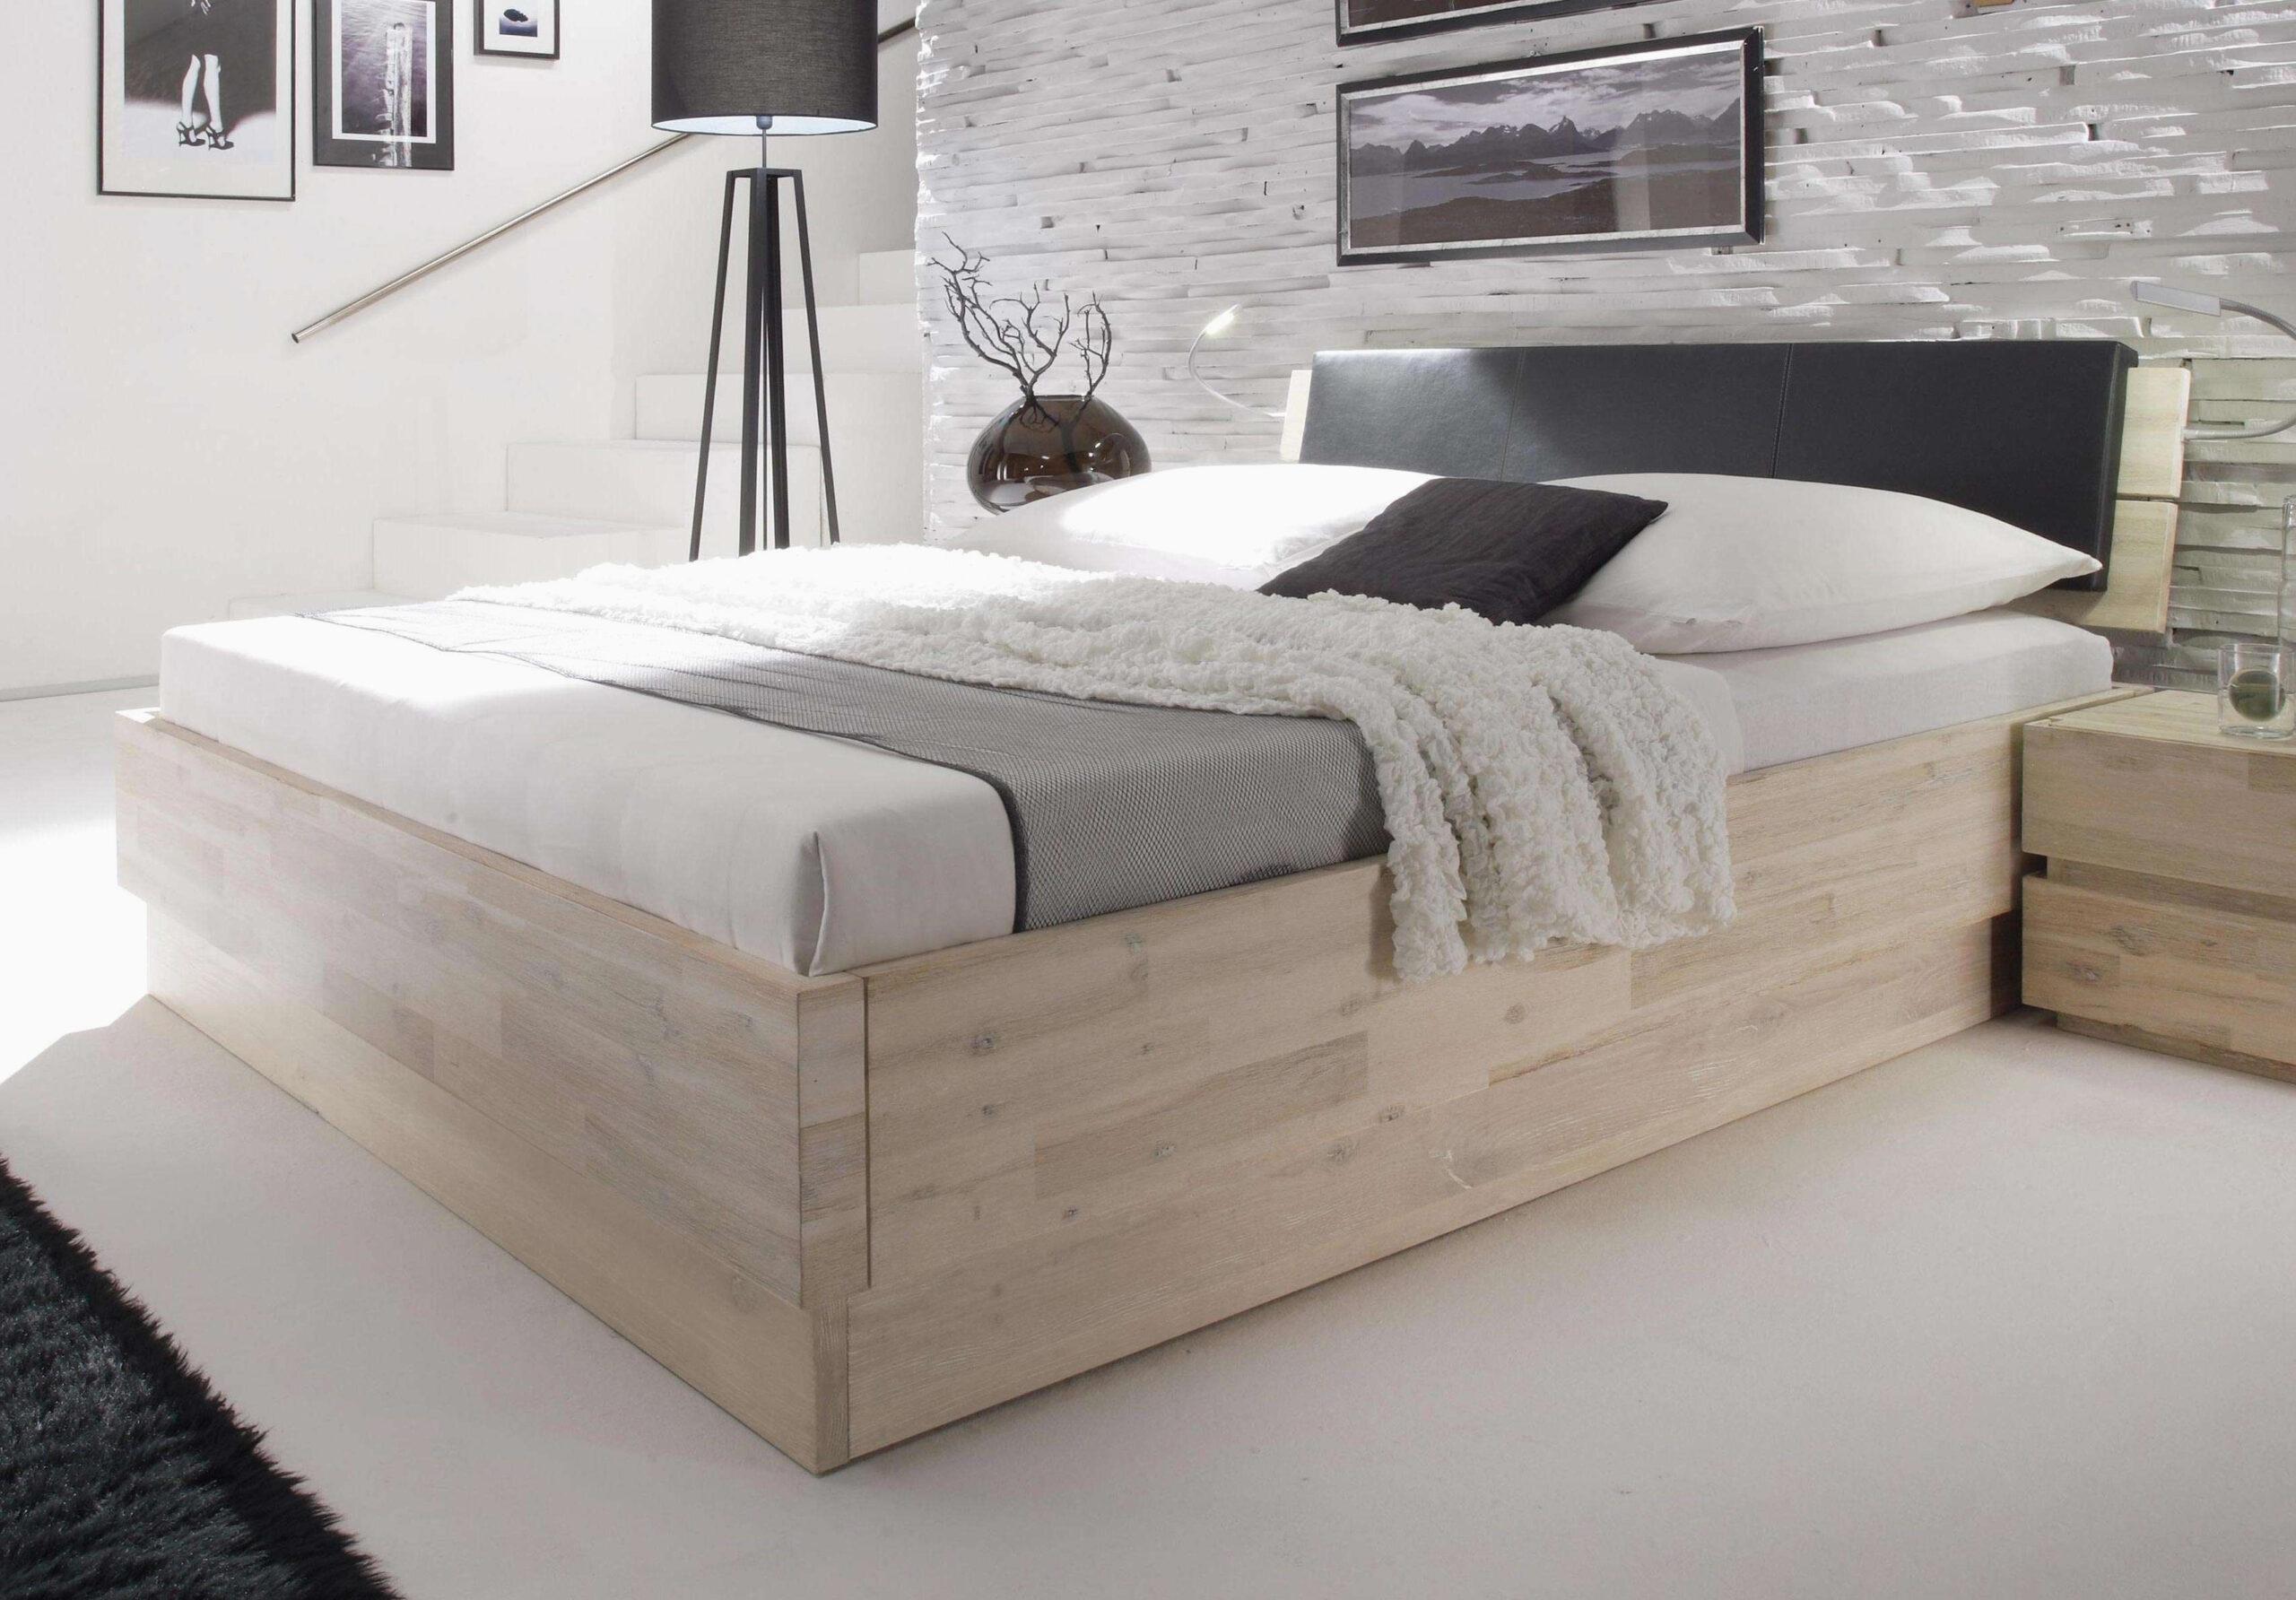 Full Size of Ausziehbares Doppelbett 18 Best Liegestuhl Aldi Me Fhrung Beste Mbelideen Bett Wohnzimmer Ausziehbares Doppelbett